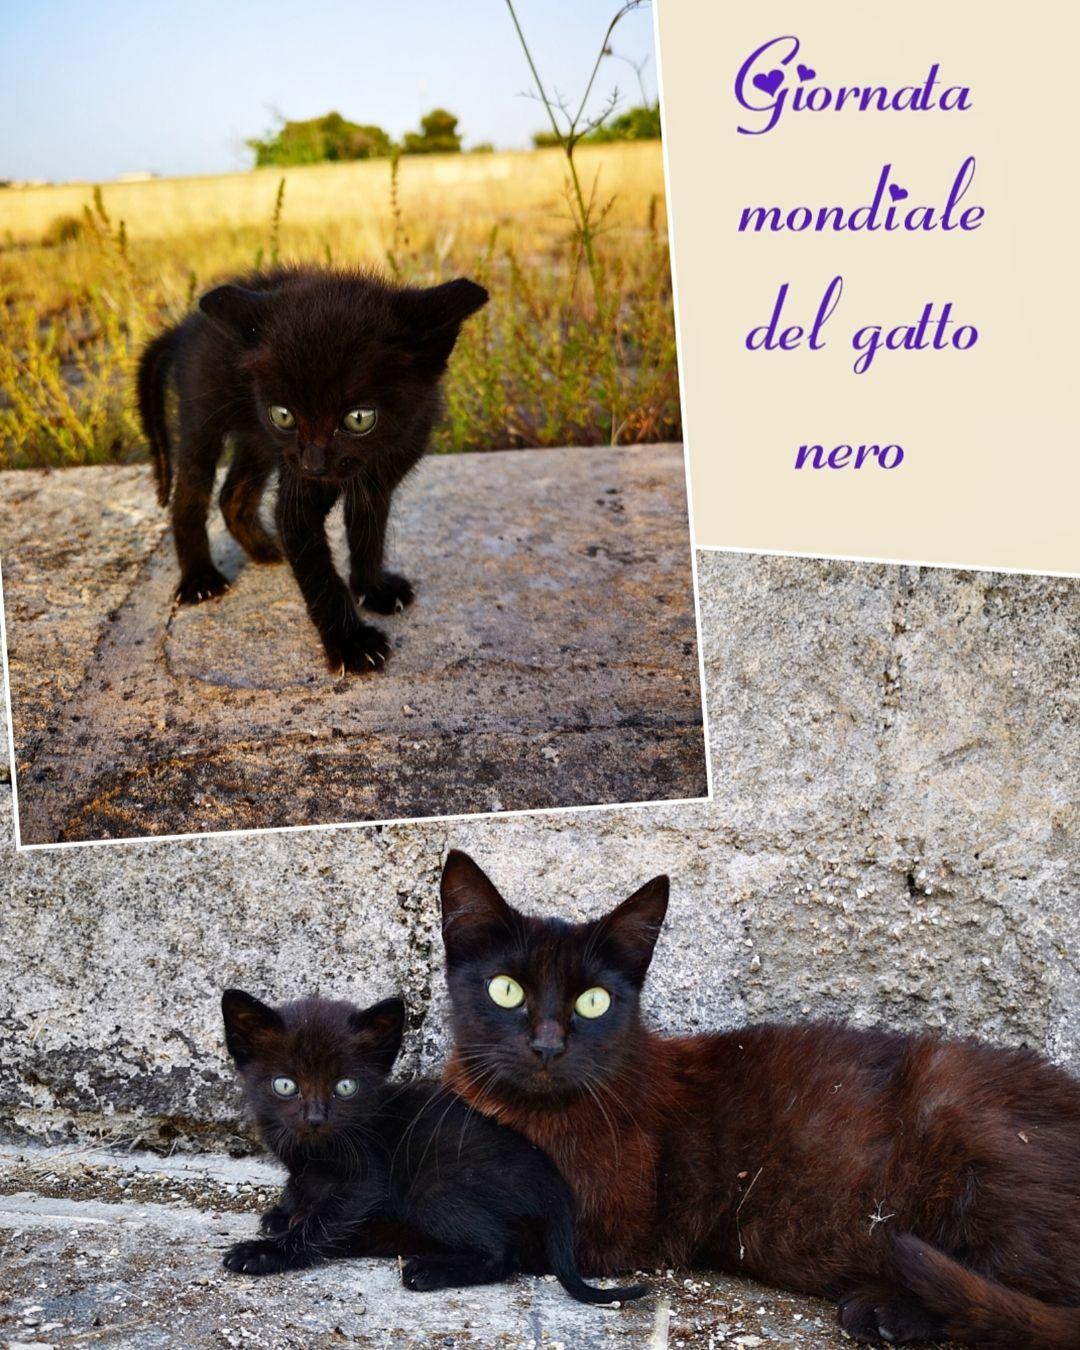 17 novembre Giornata mondiale del gatto nero miao